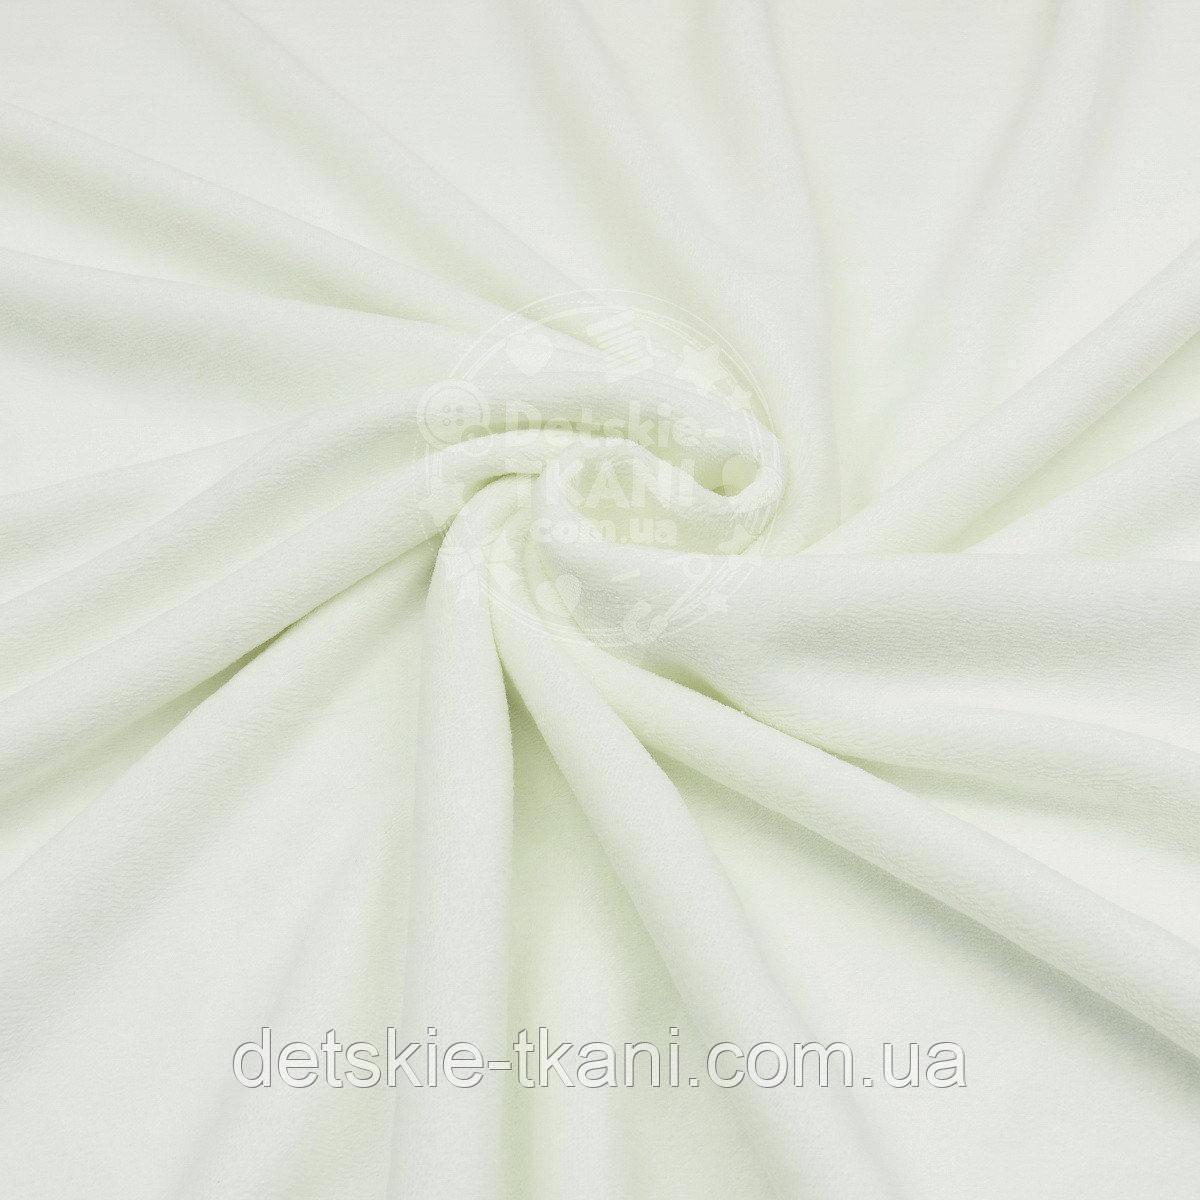 Лоскут однотонного ХБ велюра белого цвета, размер 40*160 см